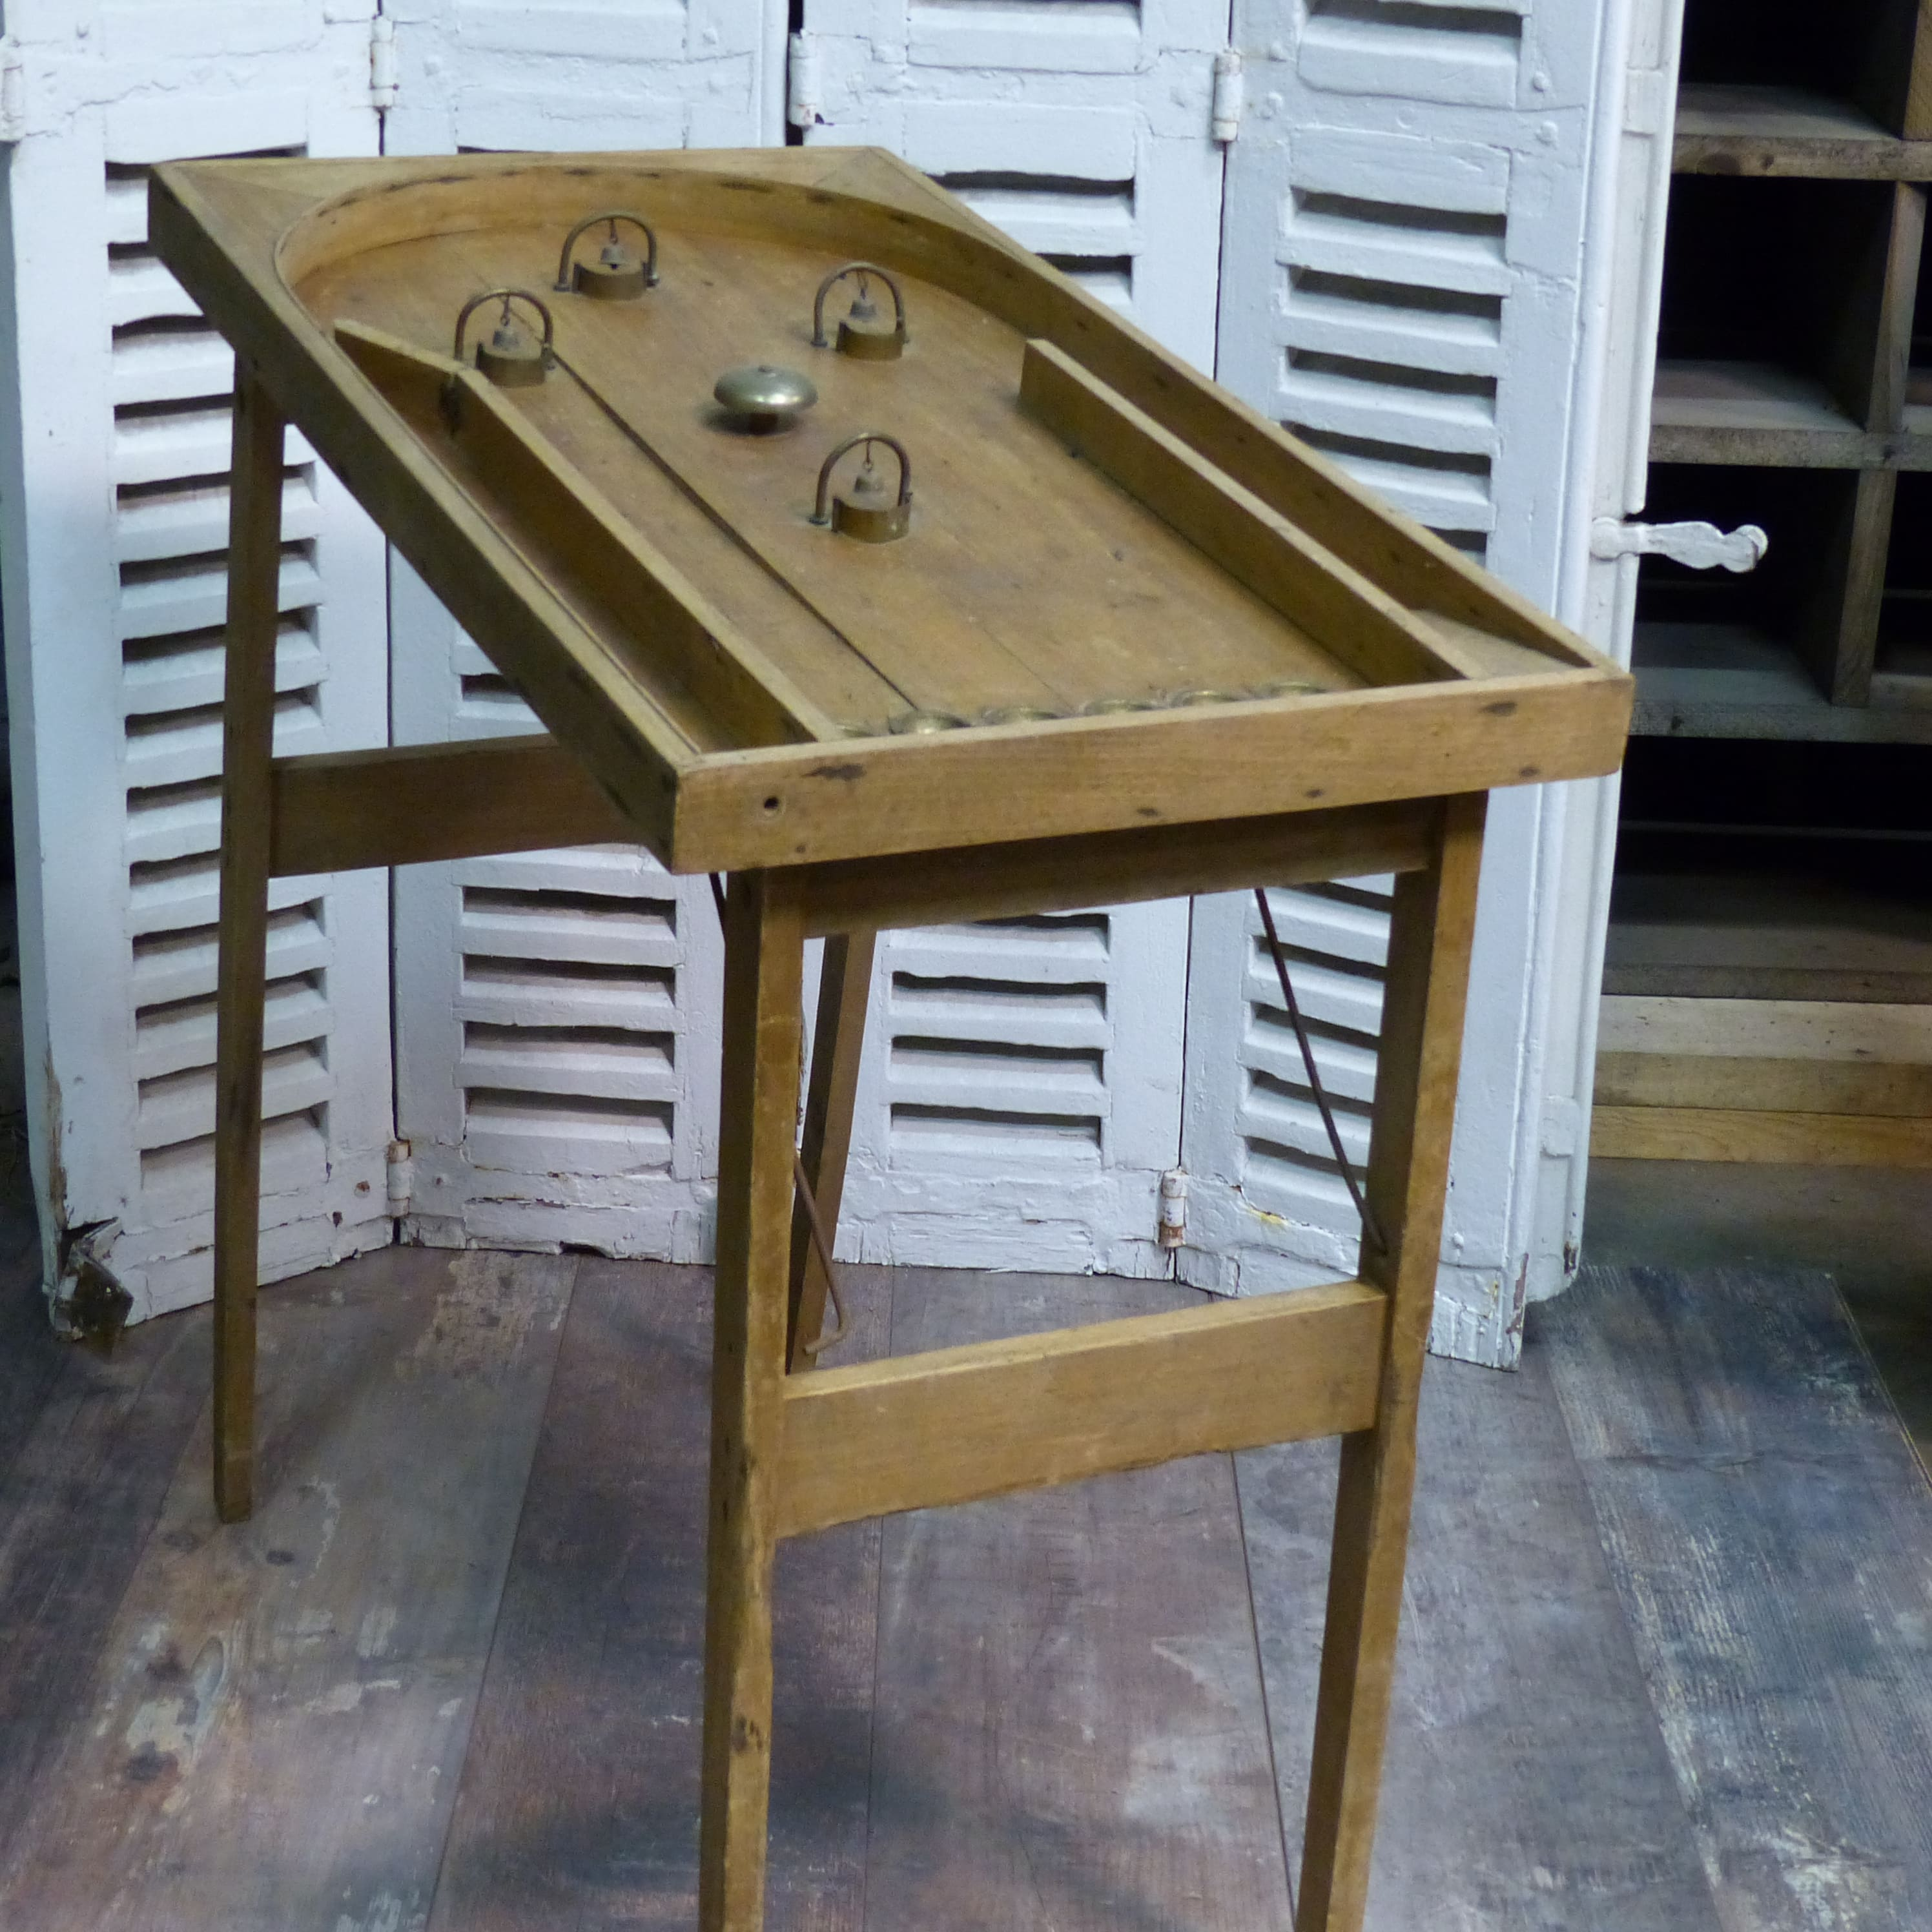 jeu ancien de bagatelle en bois flipper pour enfant lignedebrocante brocante en ligne chine. Black Bedroom Furniture Sets. Home Design Ideas